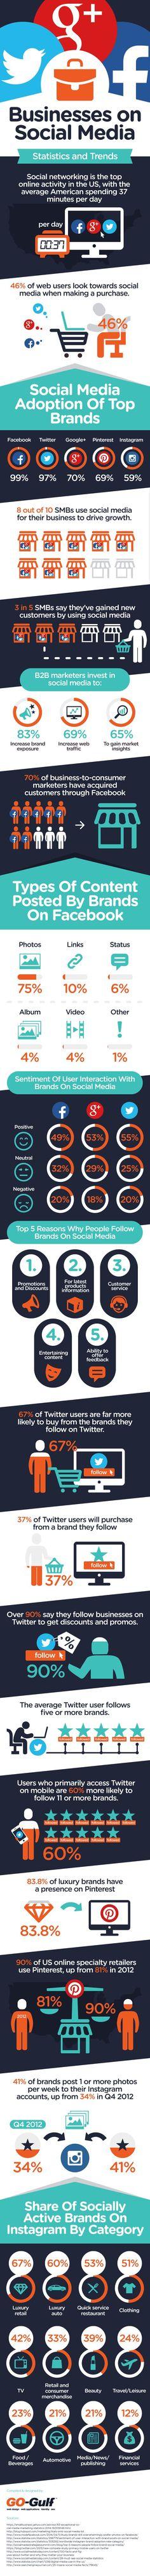 Businesses on Social Media - #Infografica #infographic, statistiche e spunti di riflessione. #diellegrafica